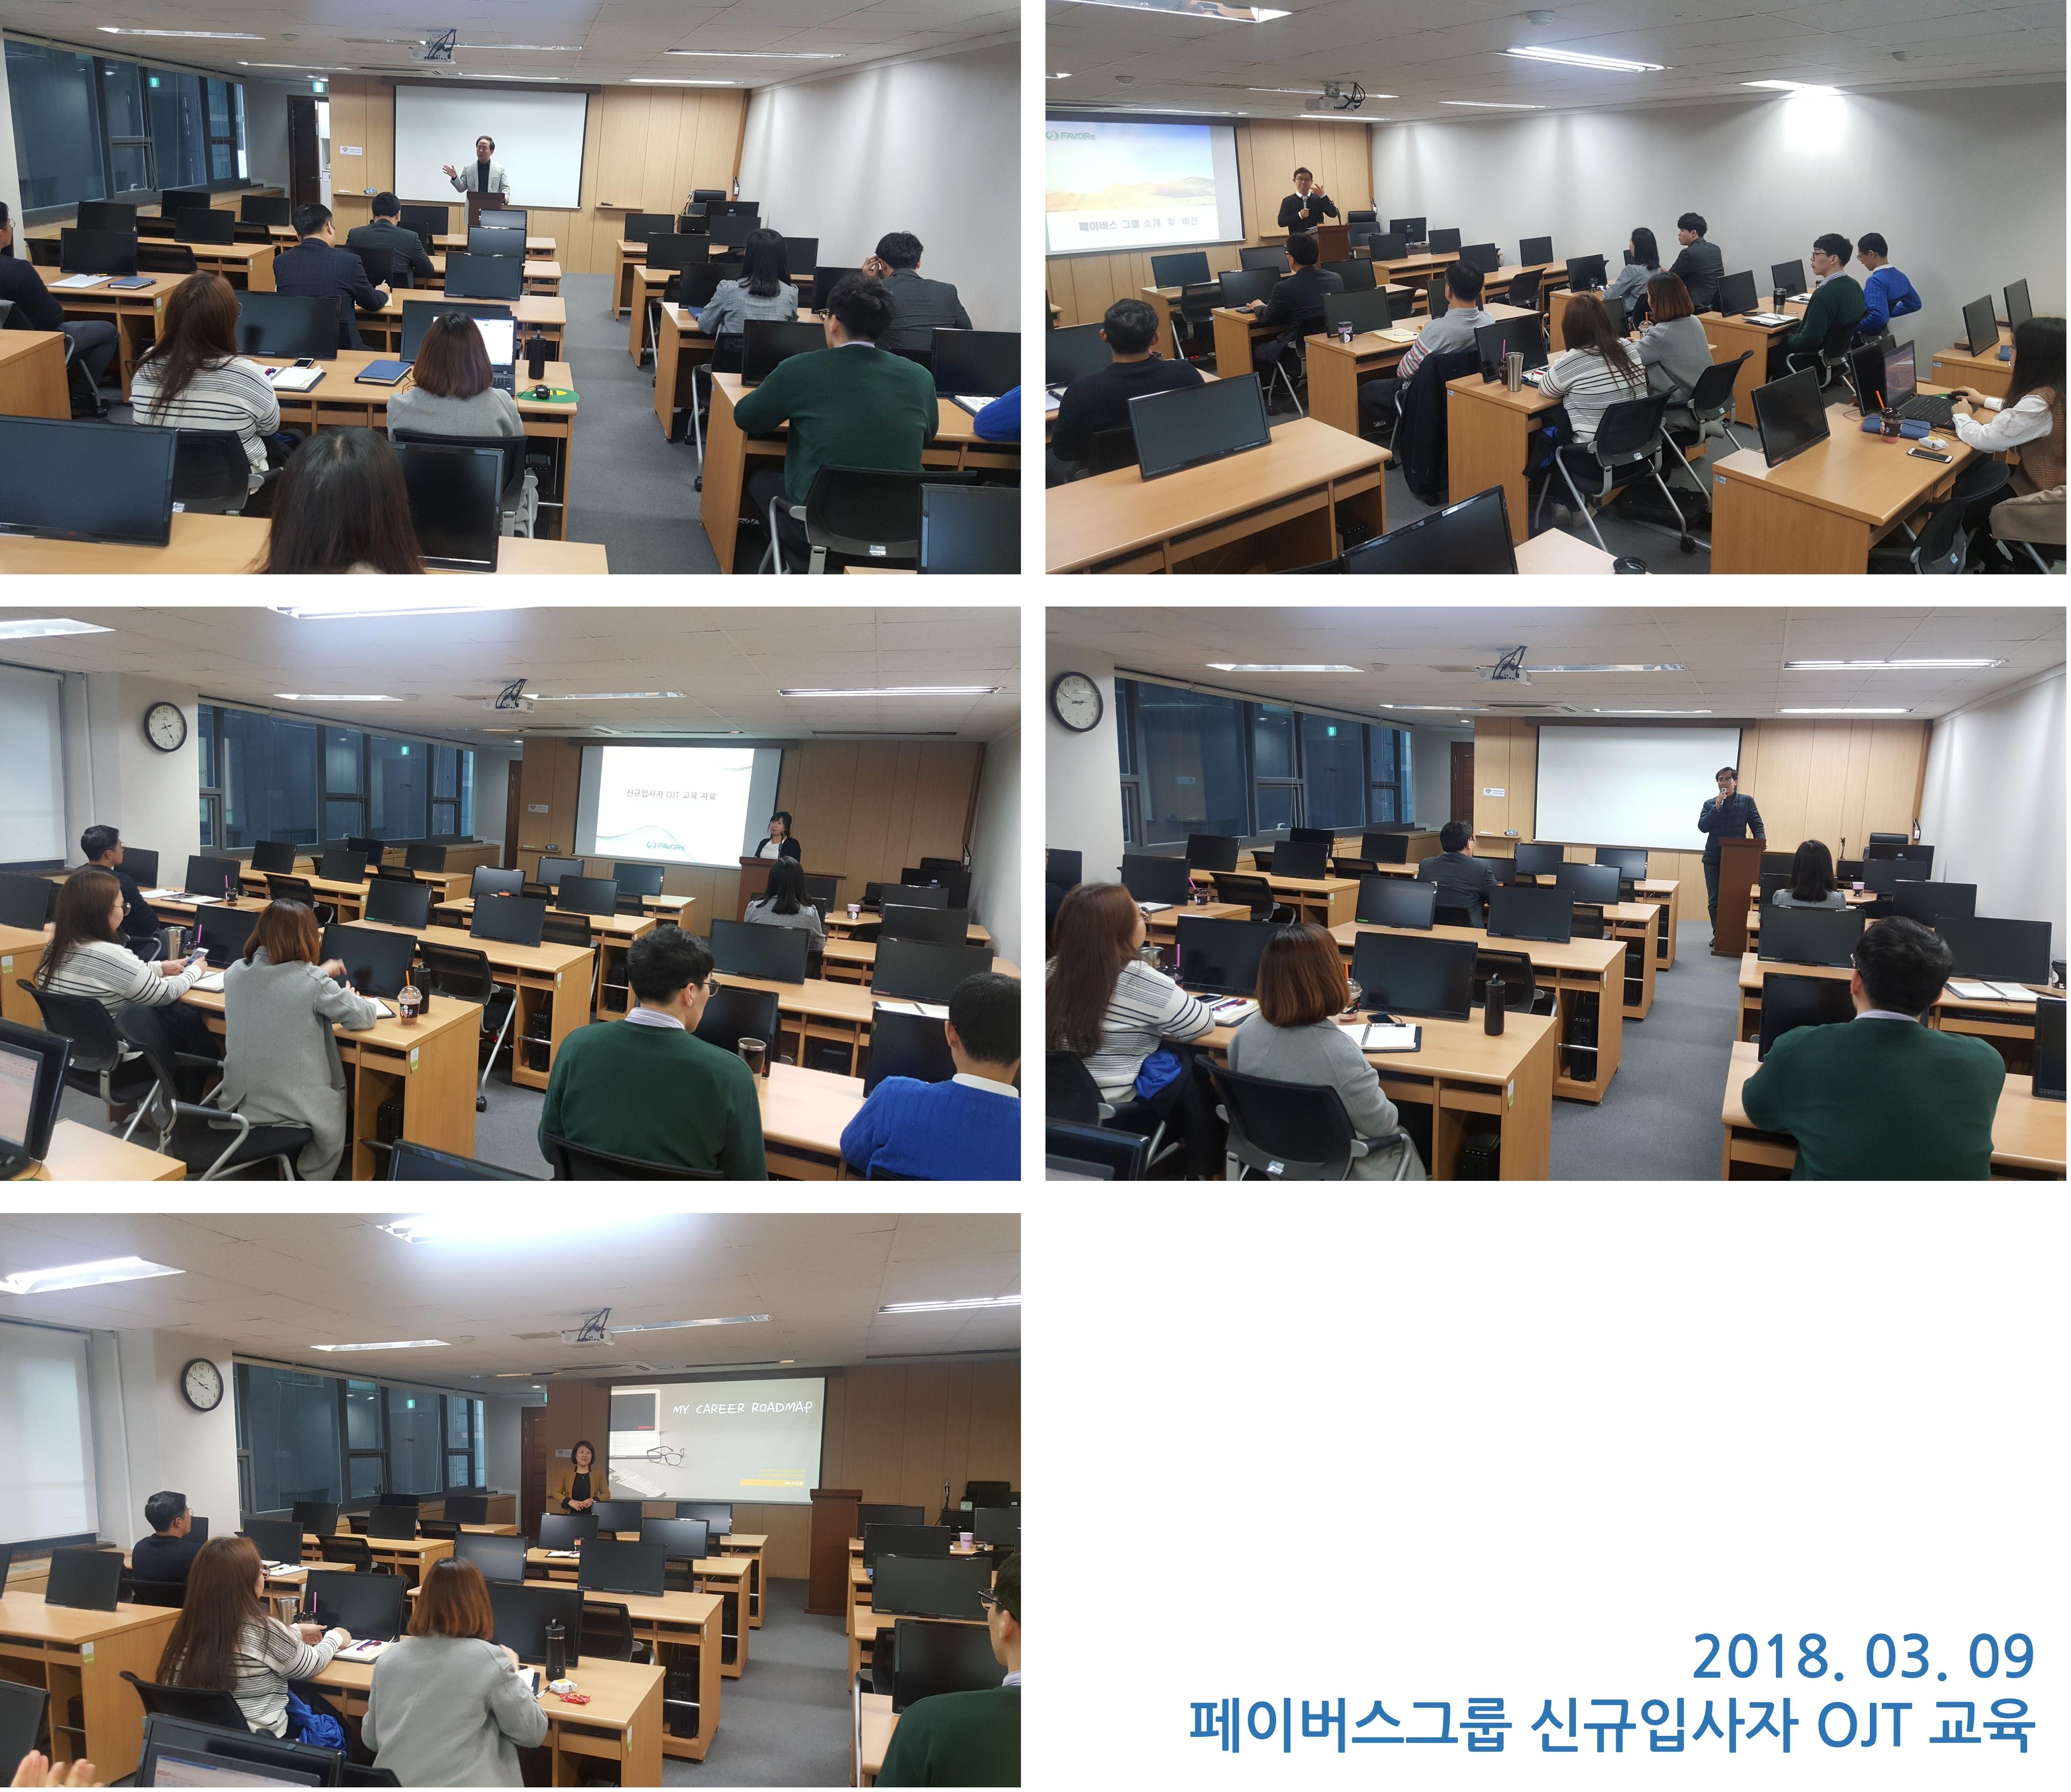 [2018.03.09] 신규입사자 OJT 실시